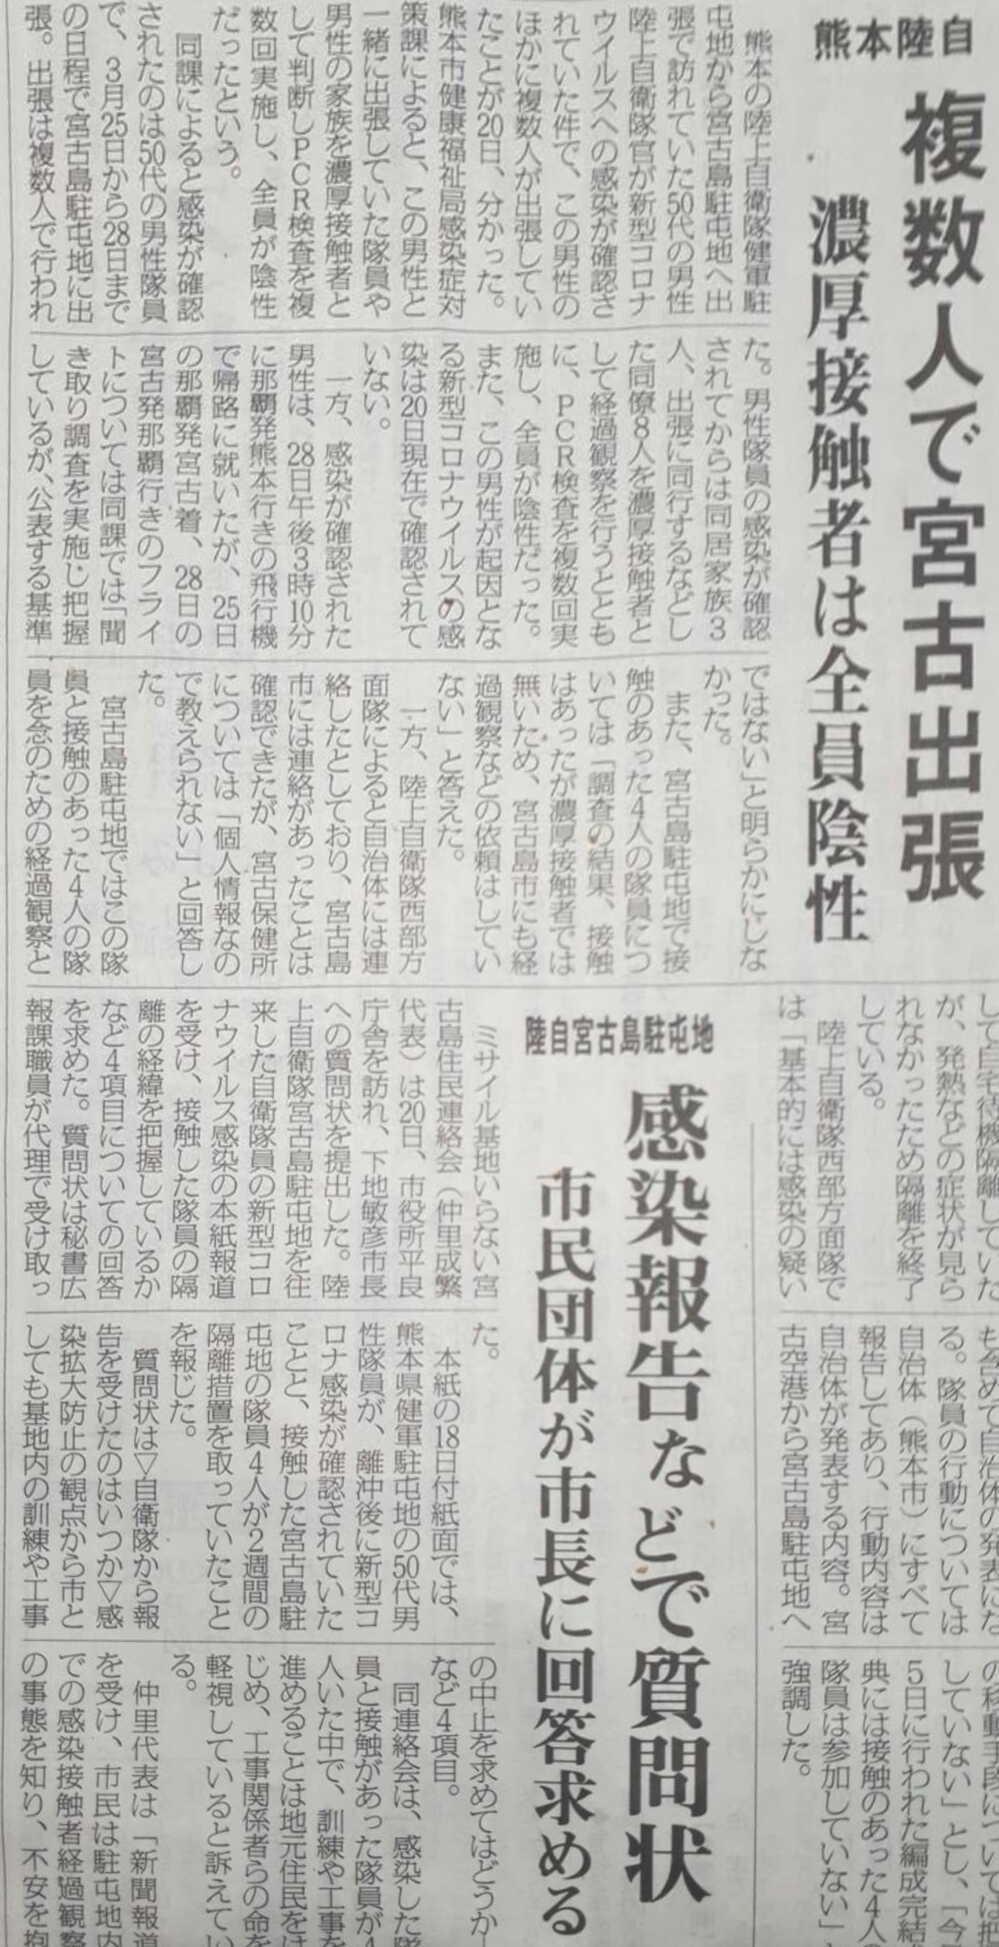 miyakomainichi2020 04216